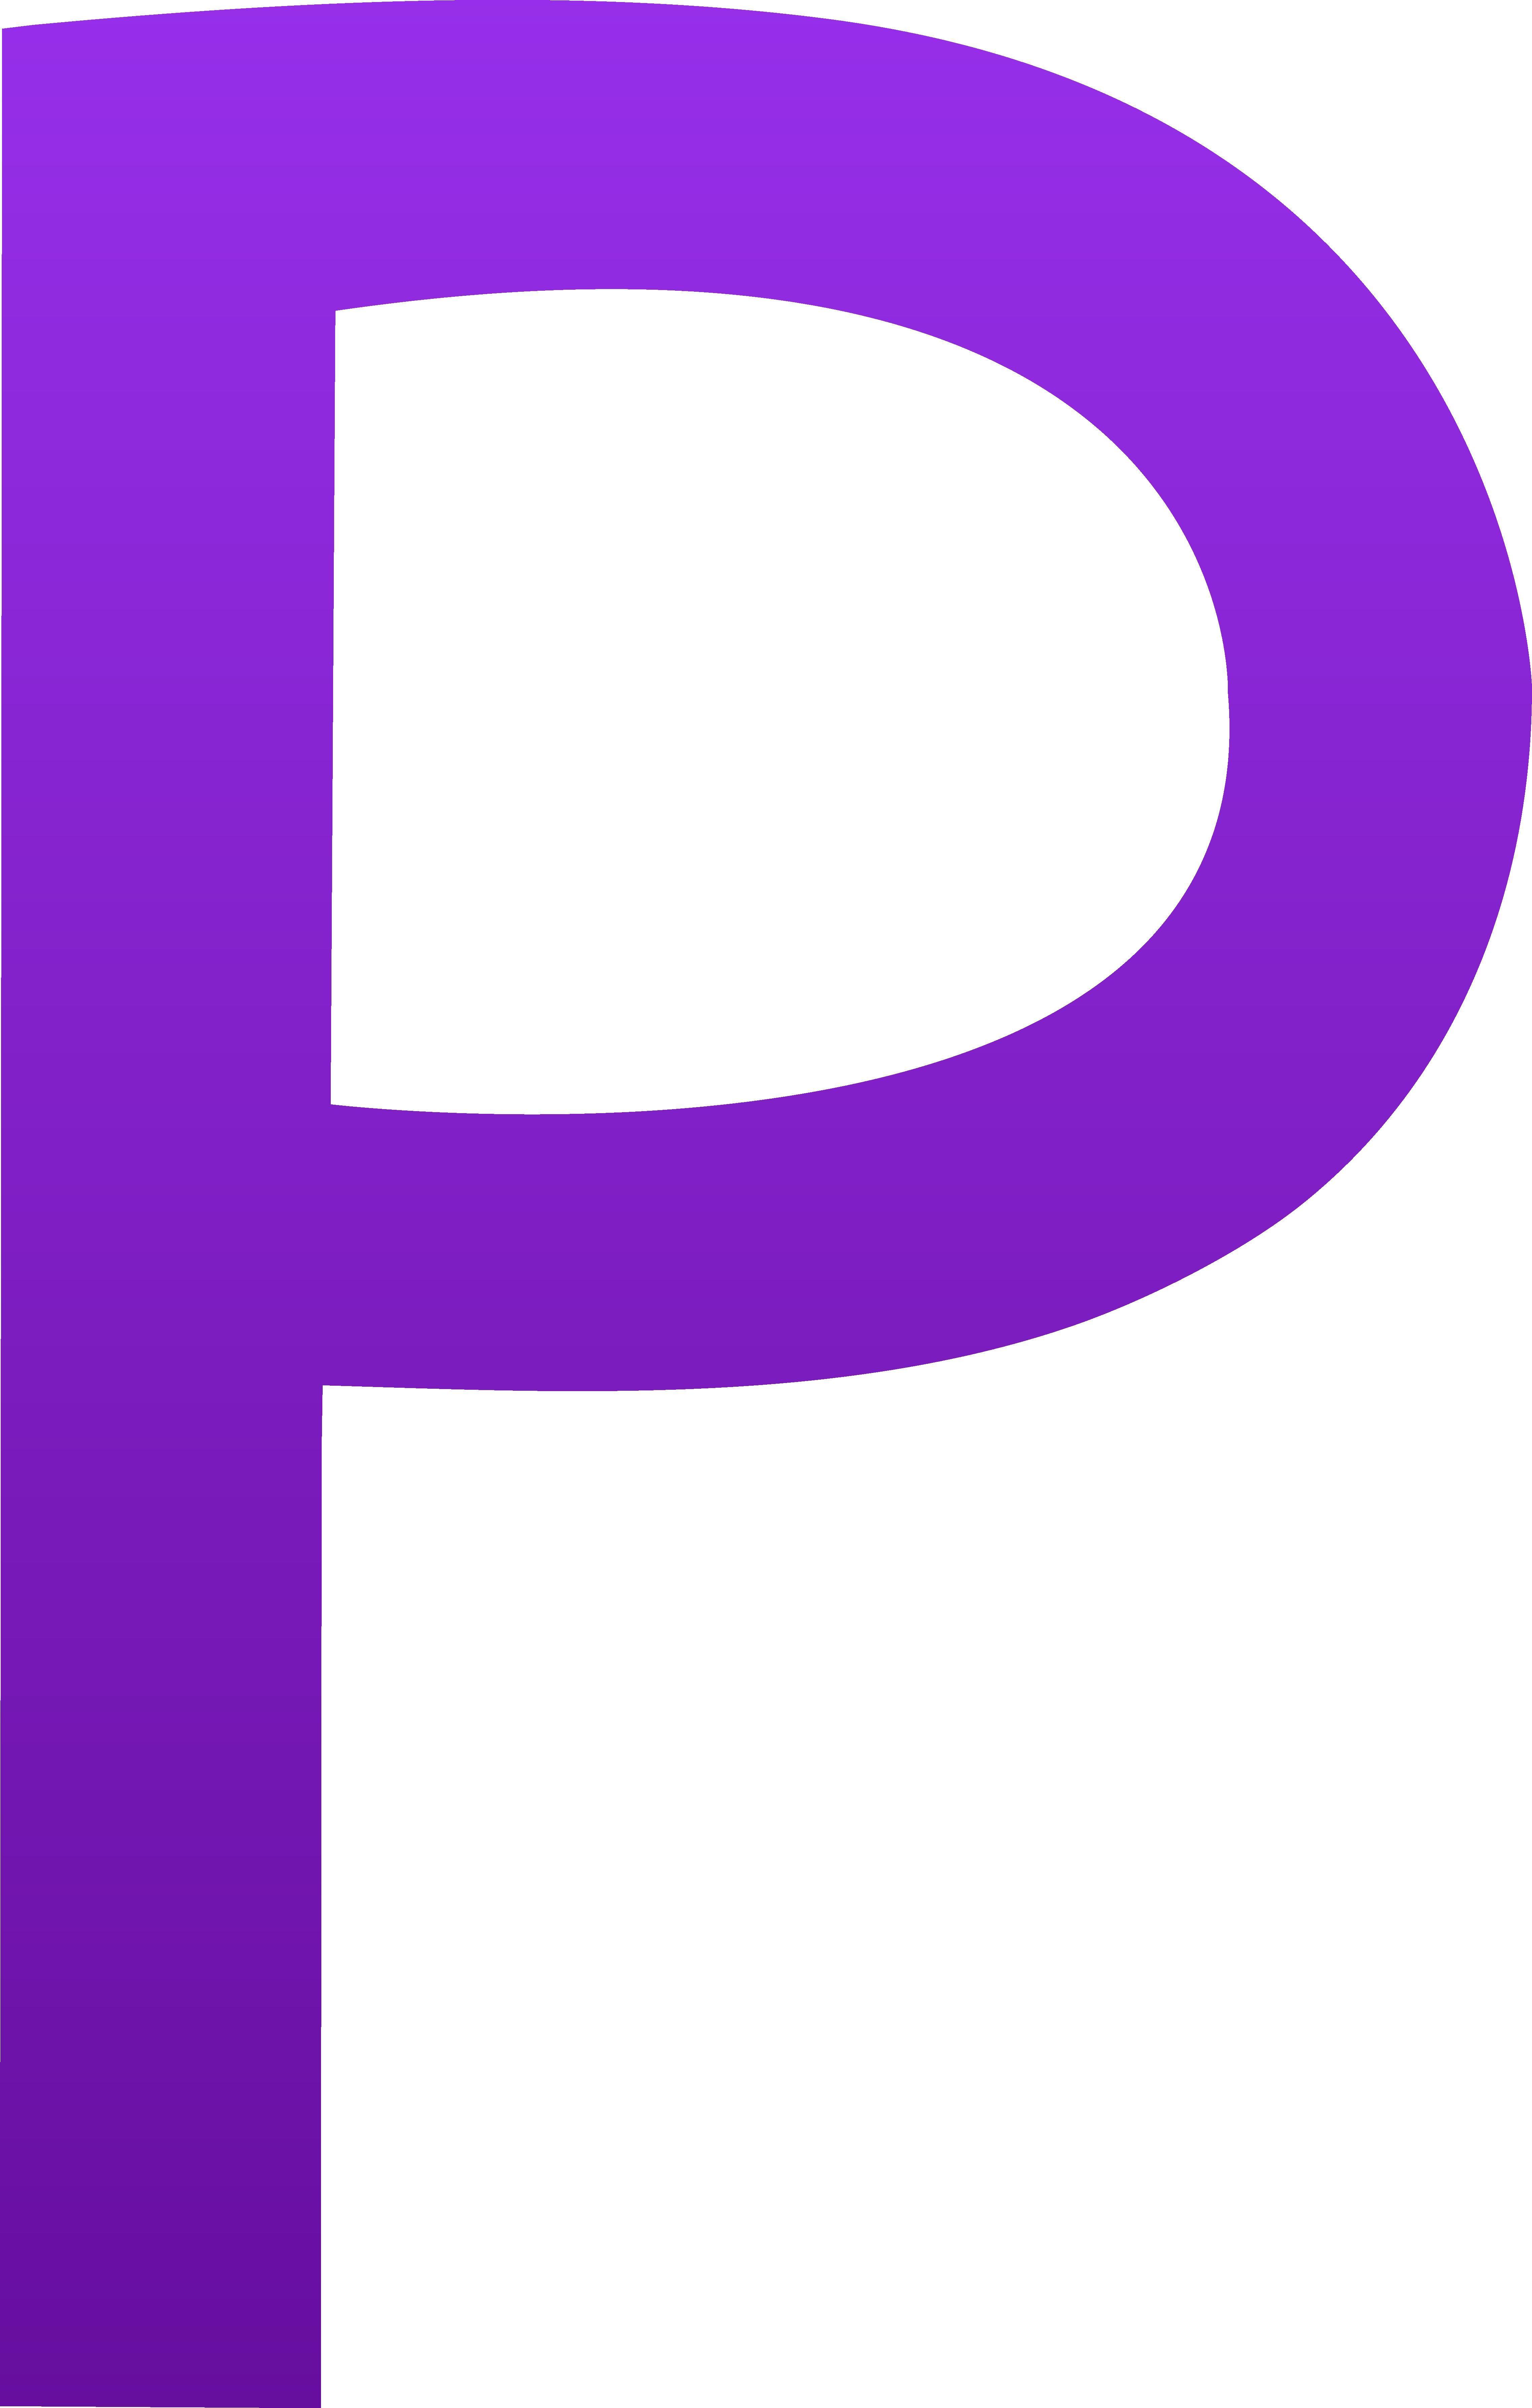 Cursive Letter P Clipart.